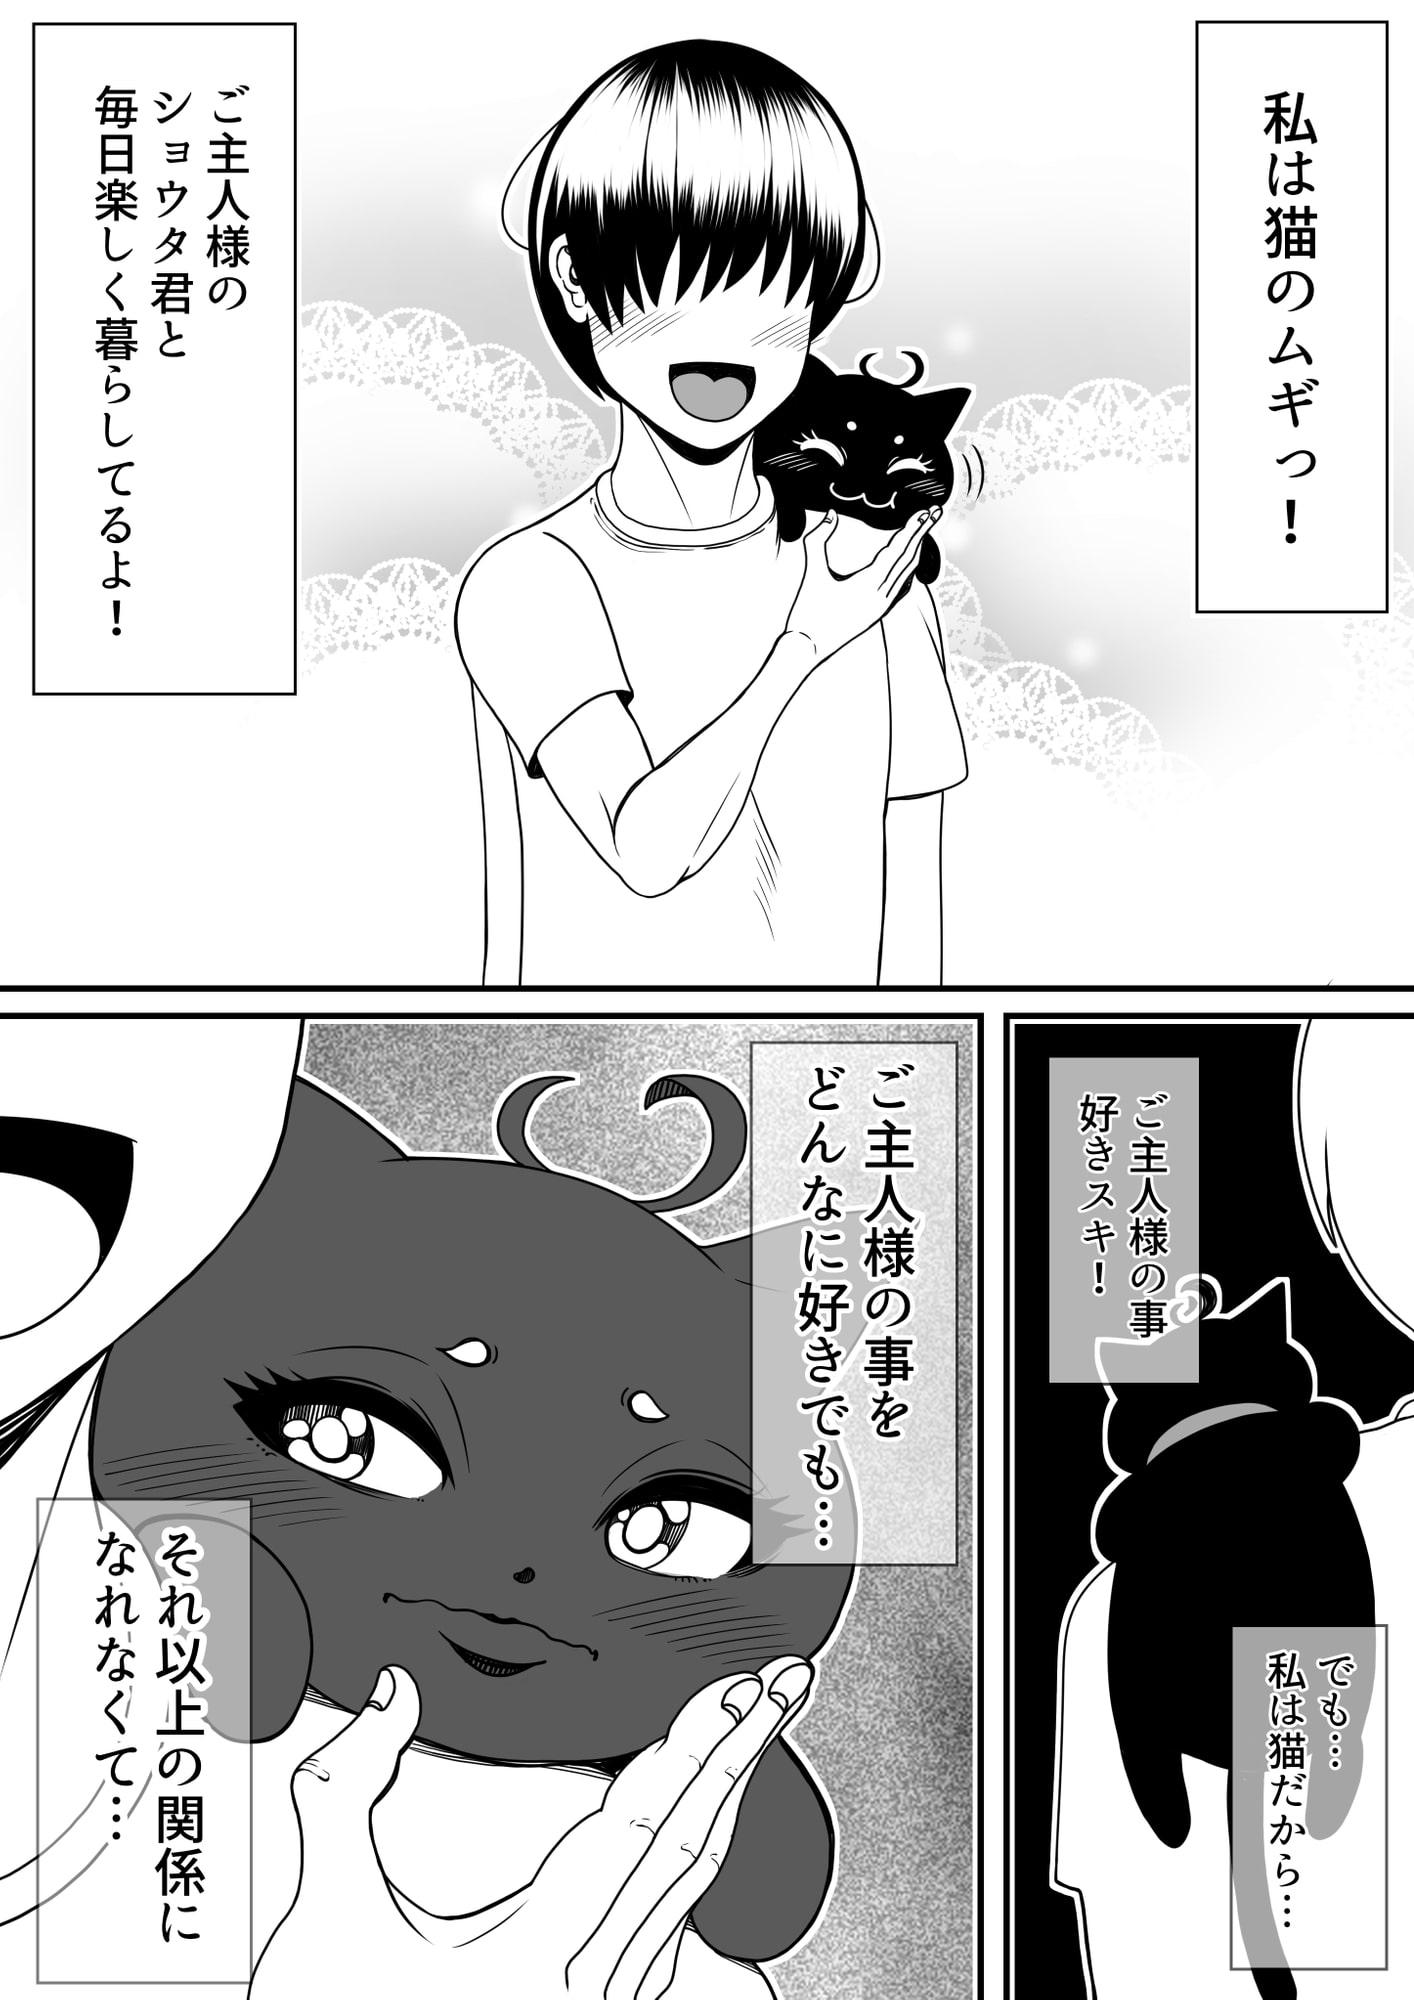 ネコのムギちゃん五歳人間化して36歳の熟々ボディになるのサンプル画像1